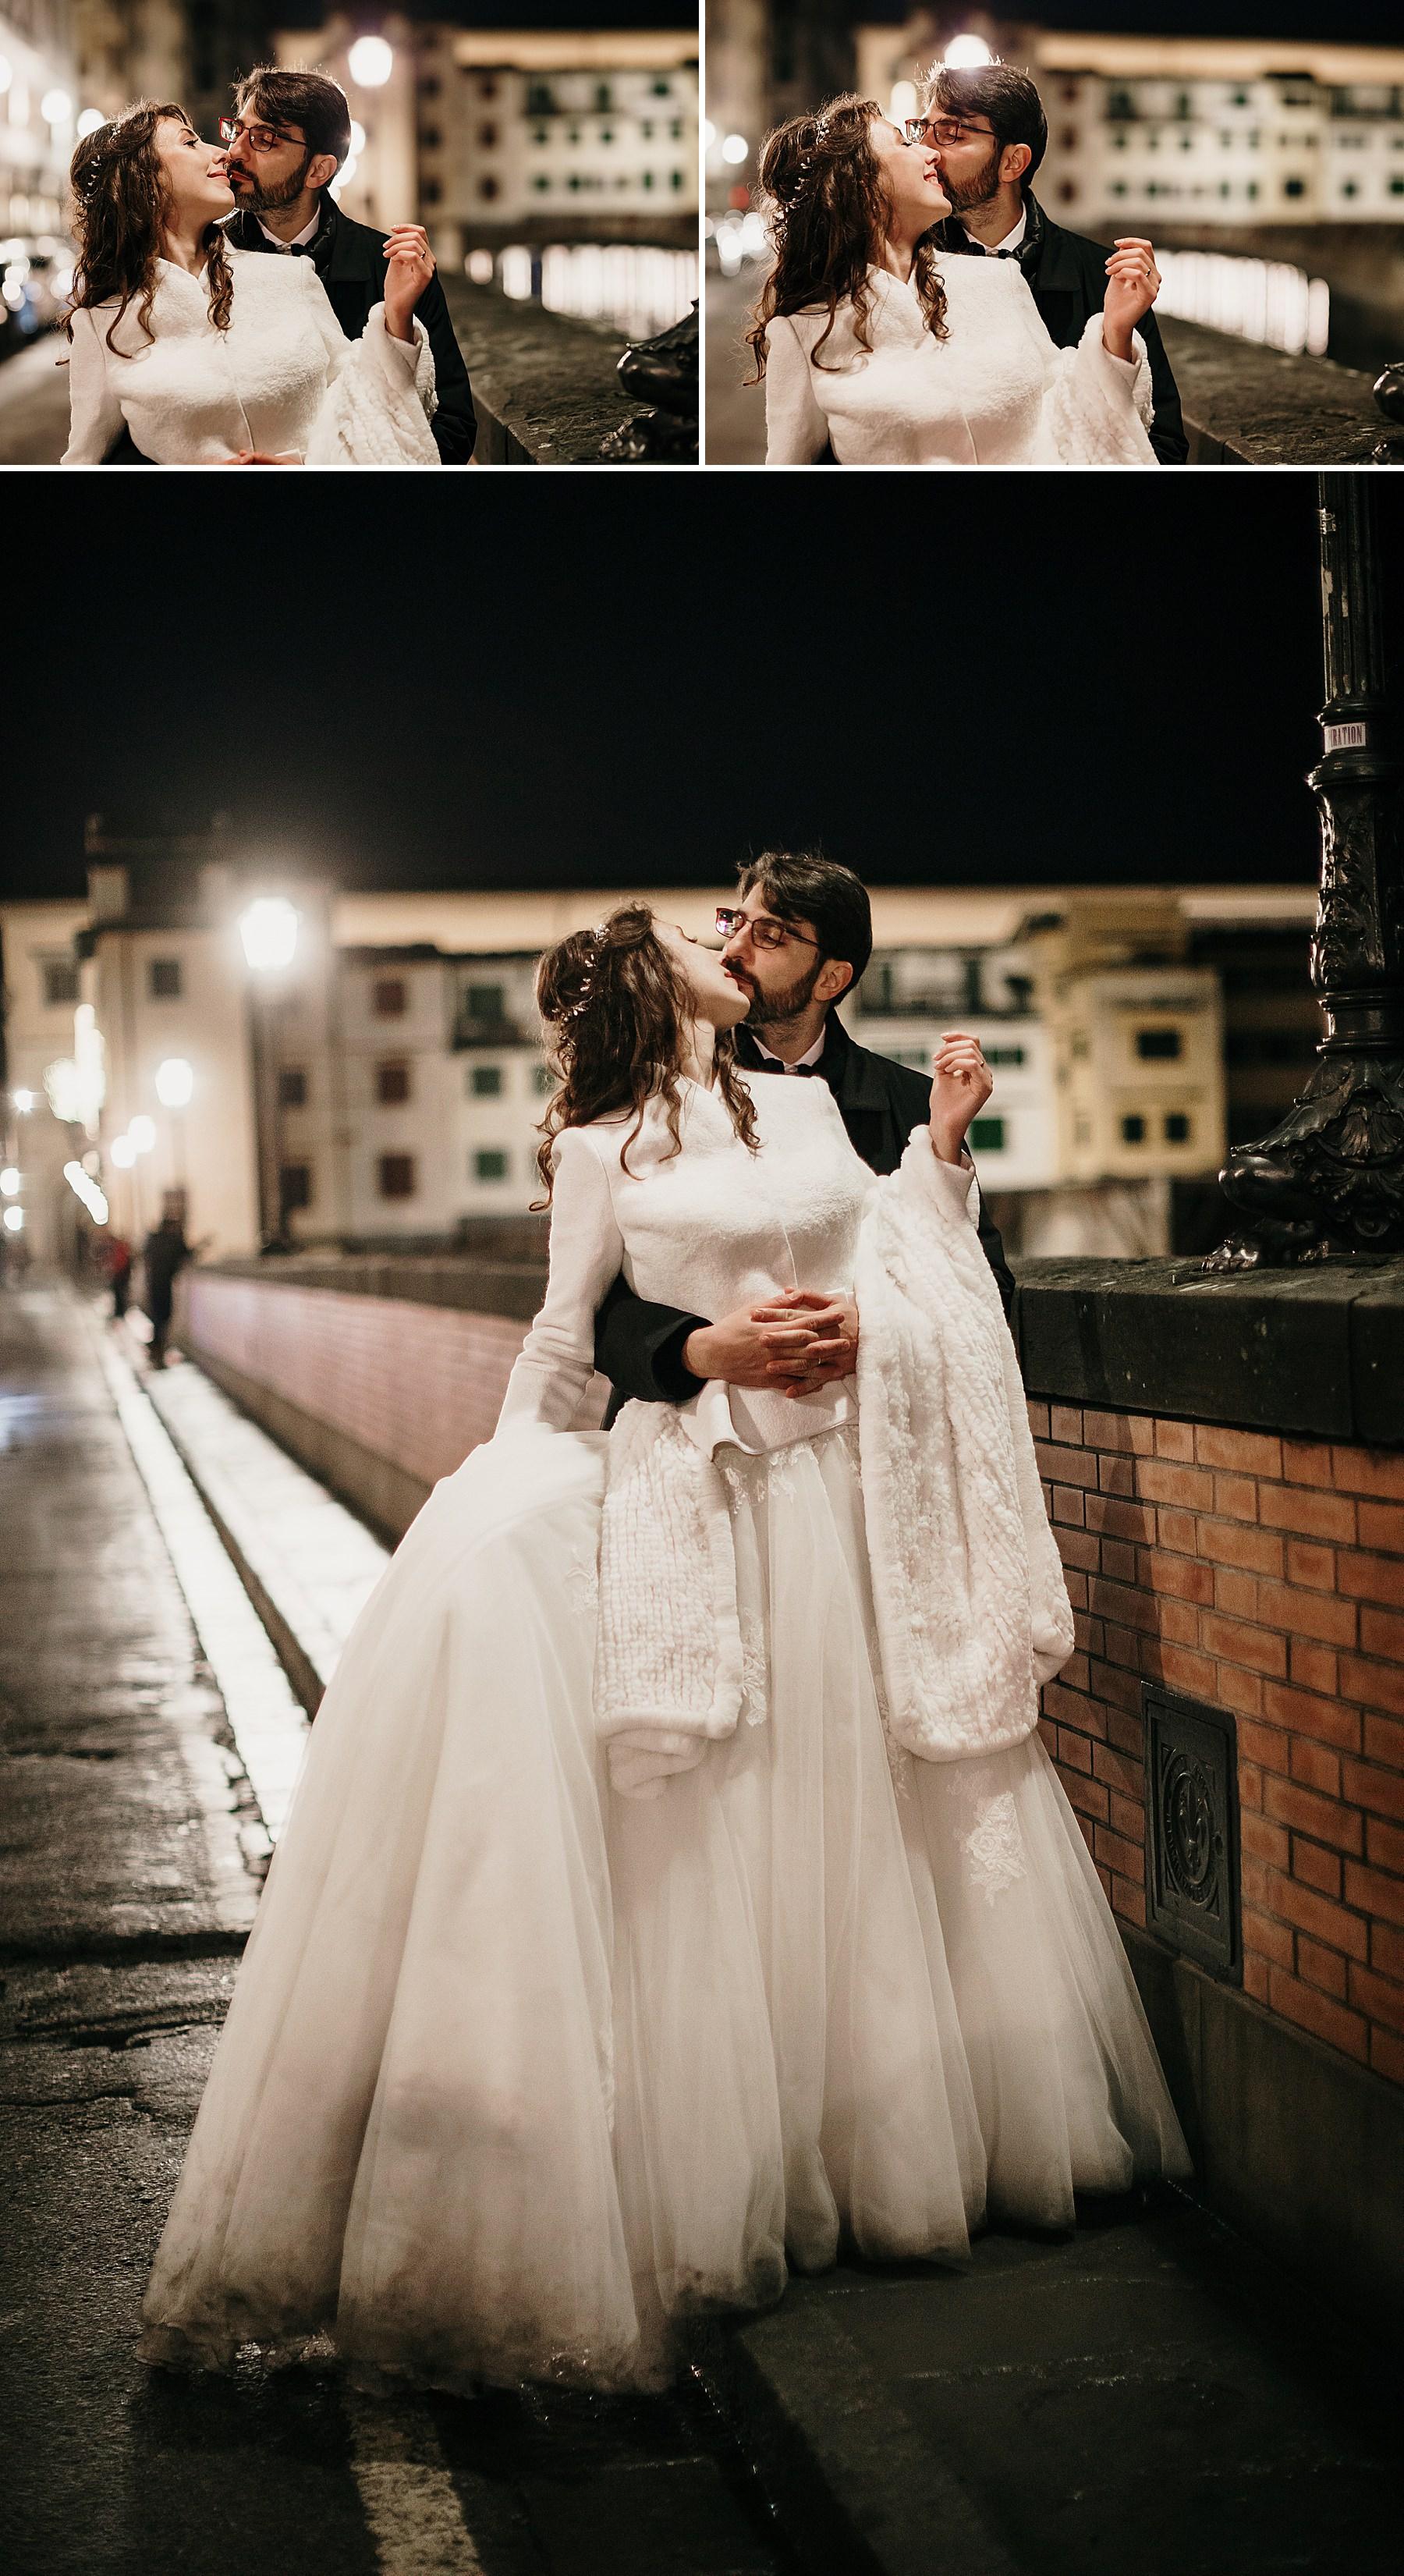 fotografia-di-matrimonio-a-firenze-in-inverno-777.JPG